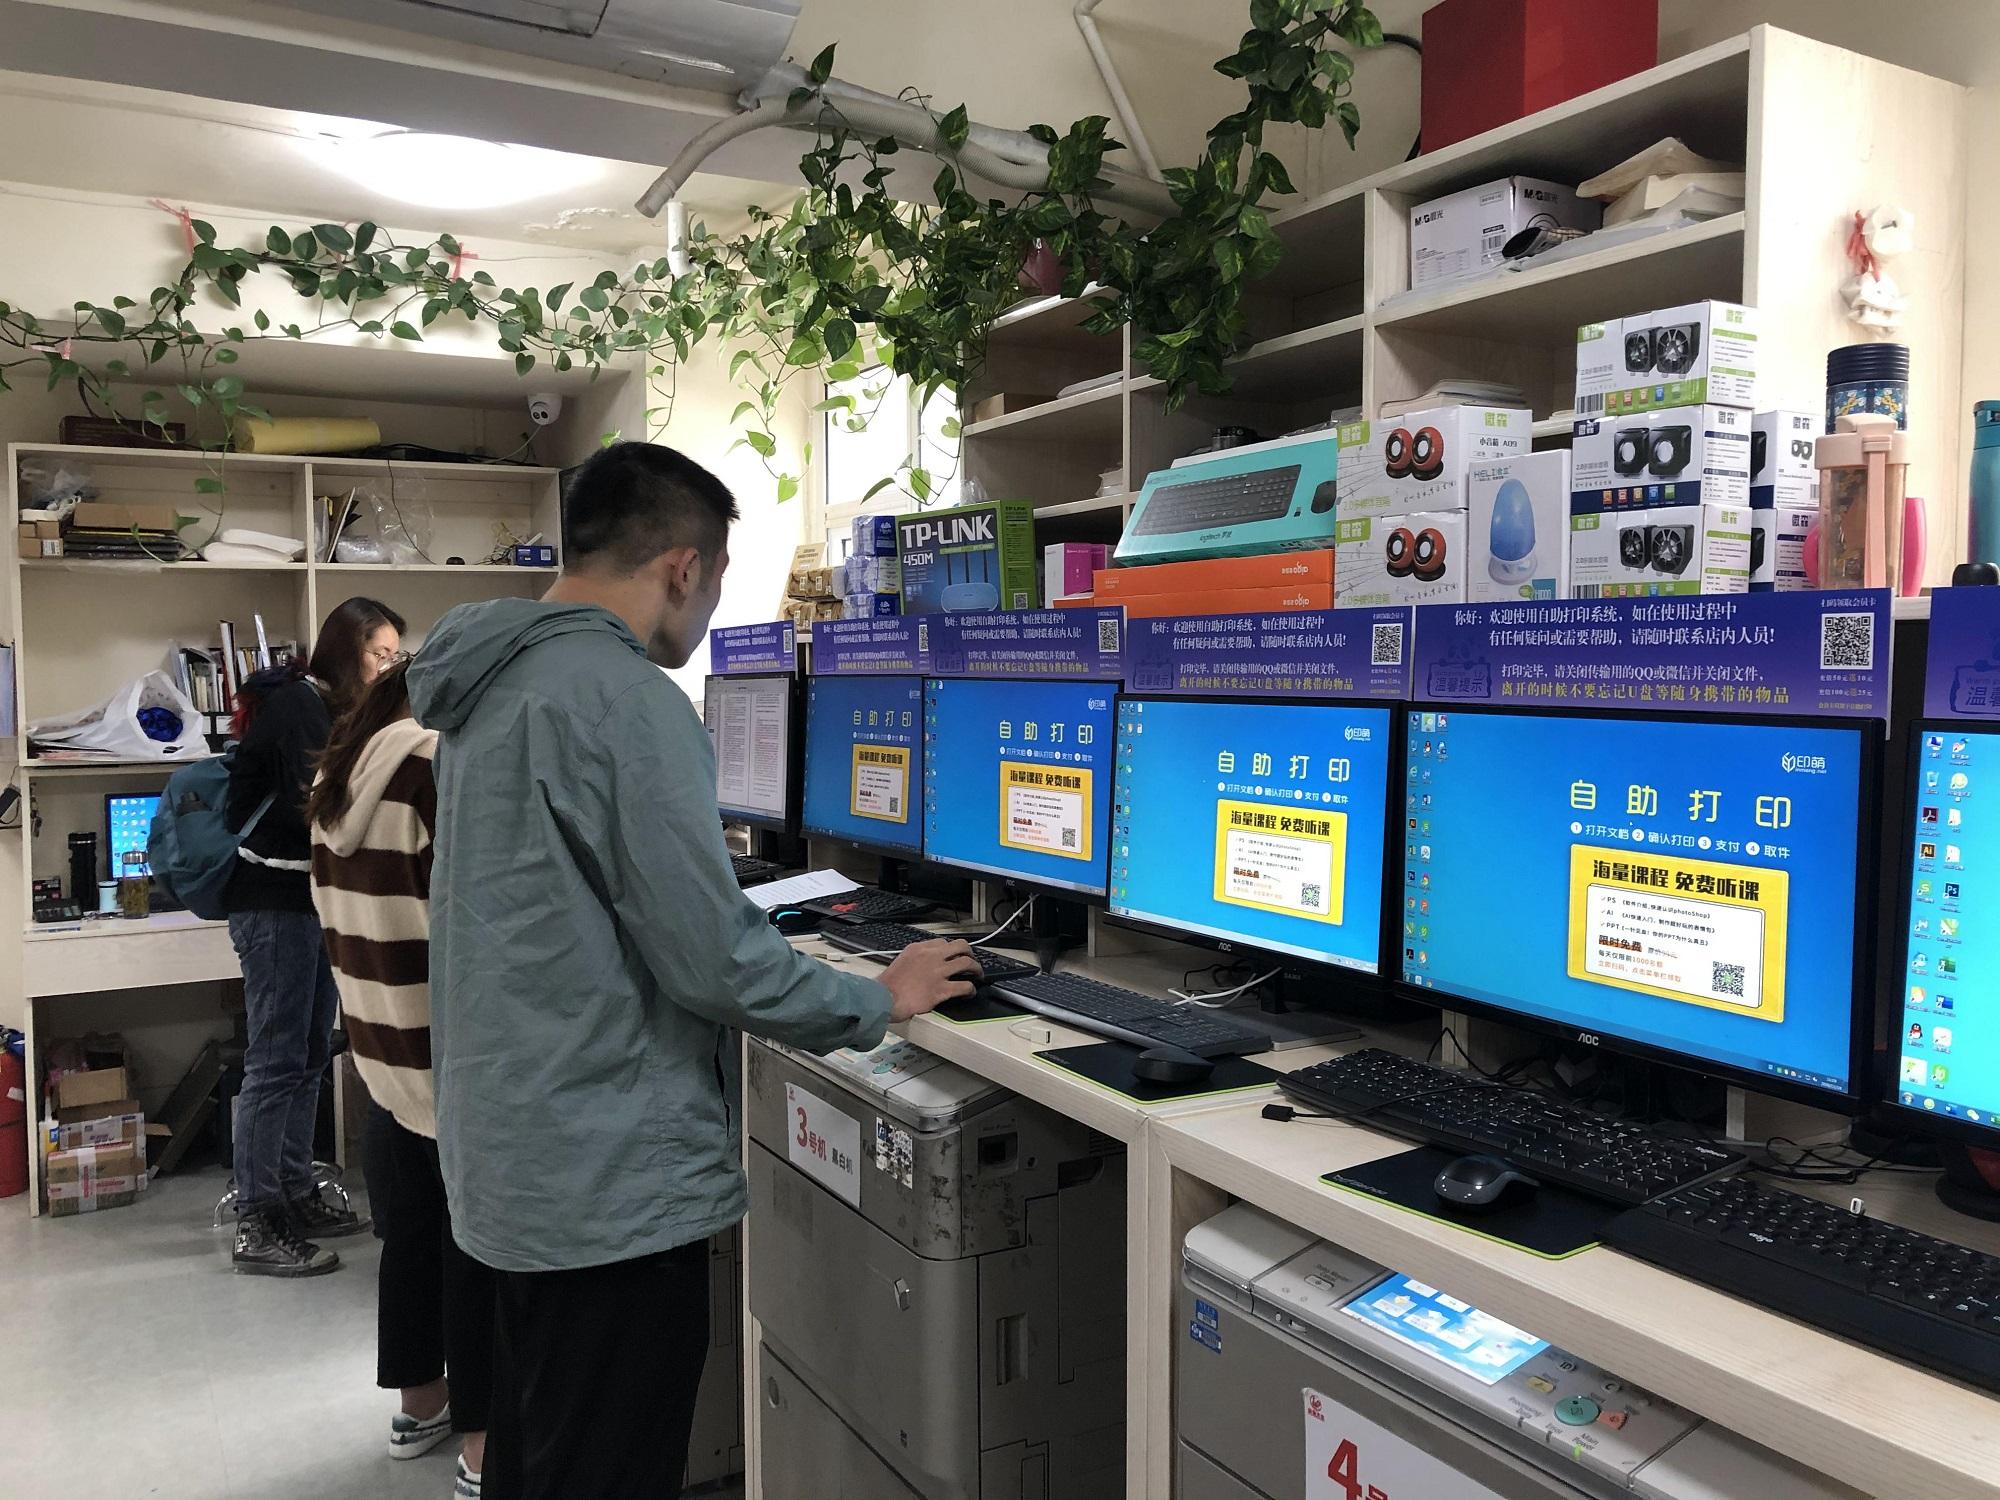 校园打印店从哪些点满足学生2020年开学季的打印需求